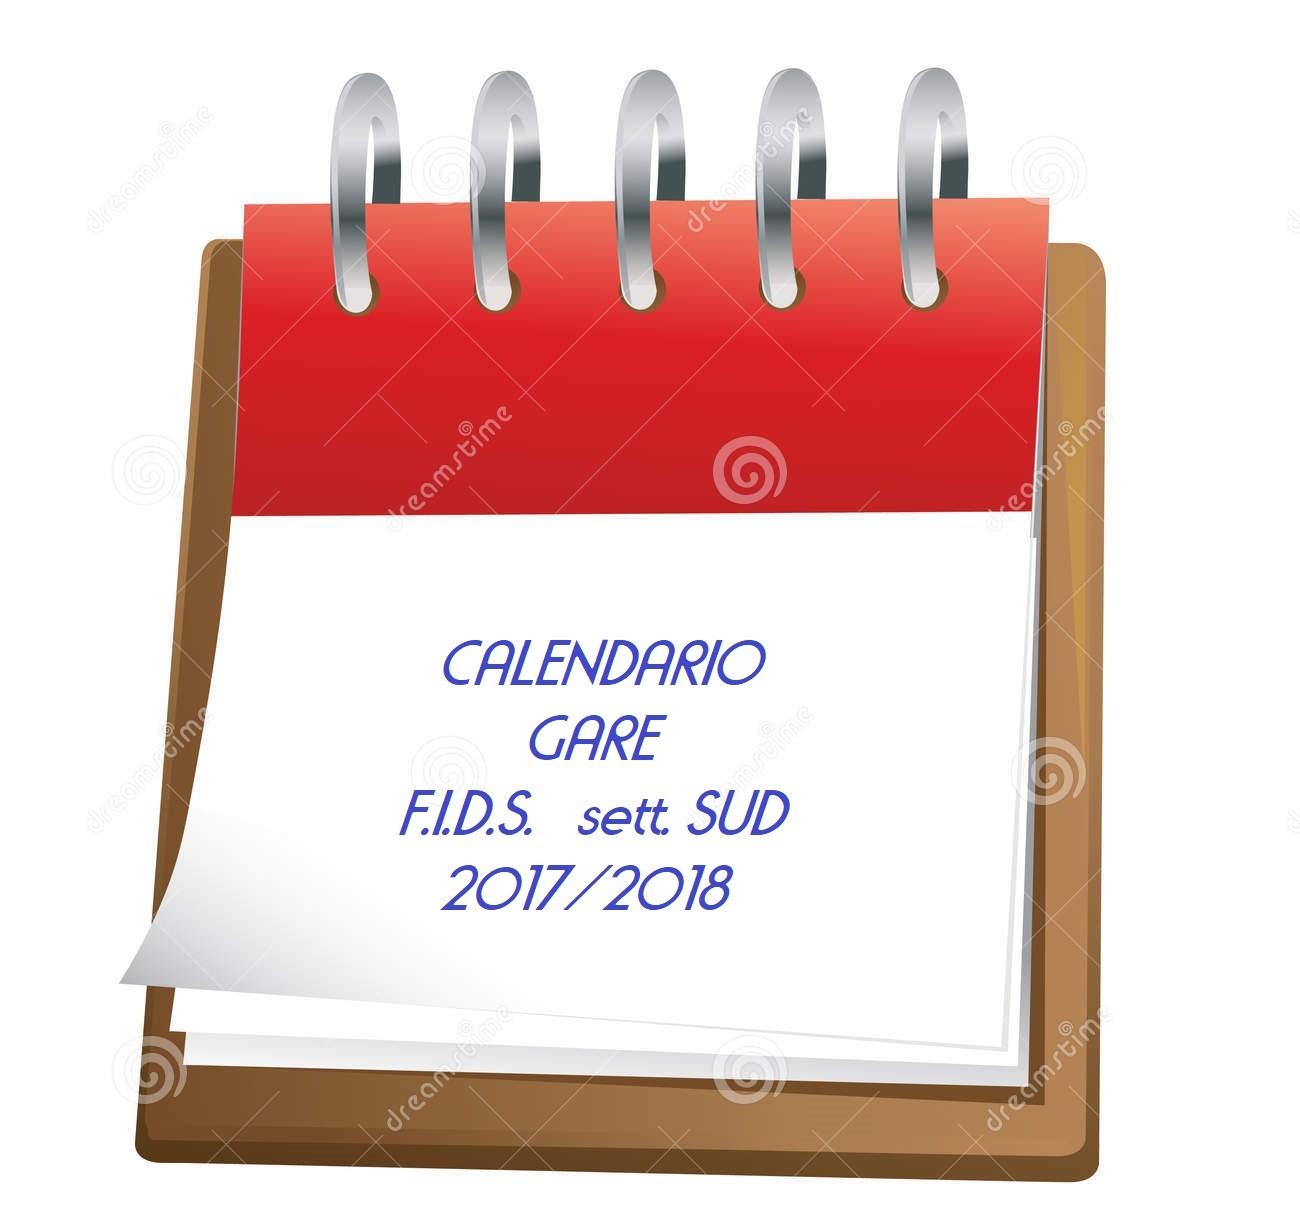 Fids Calendario.Calendario Federale 2017 2018 Settore Sud Comitato